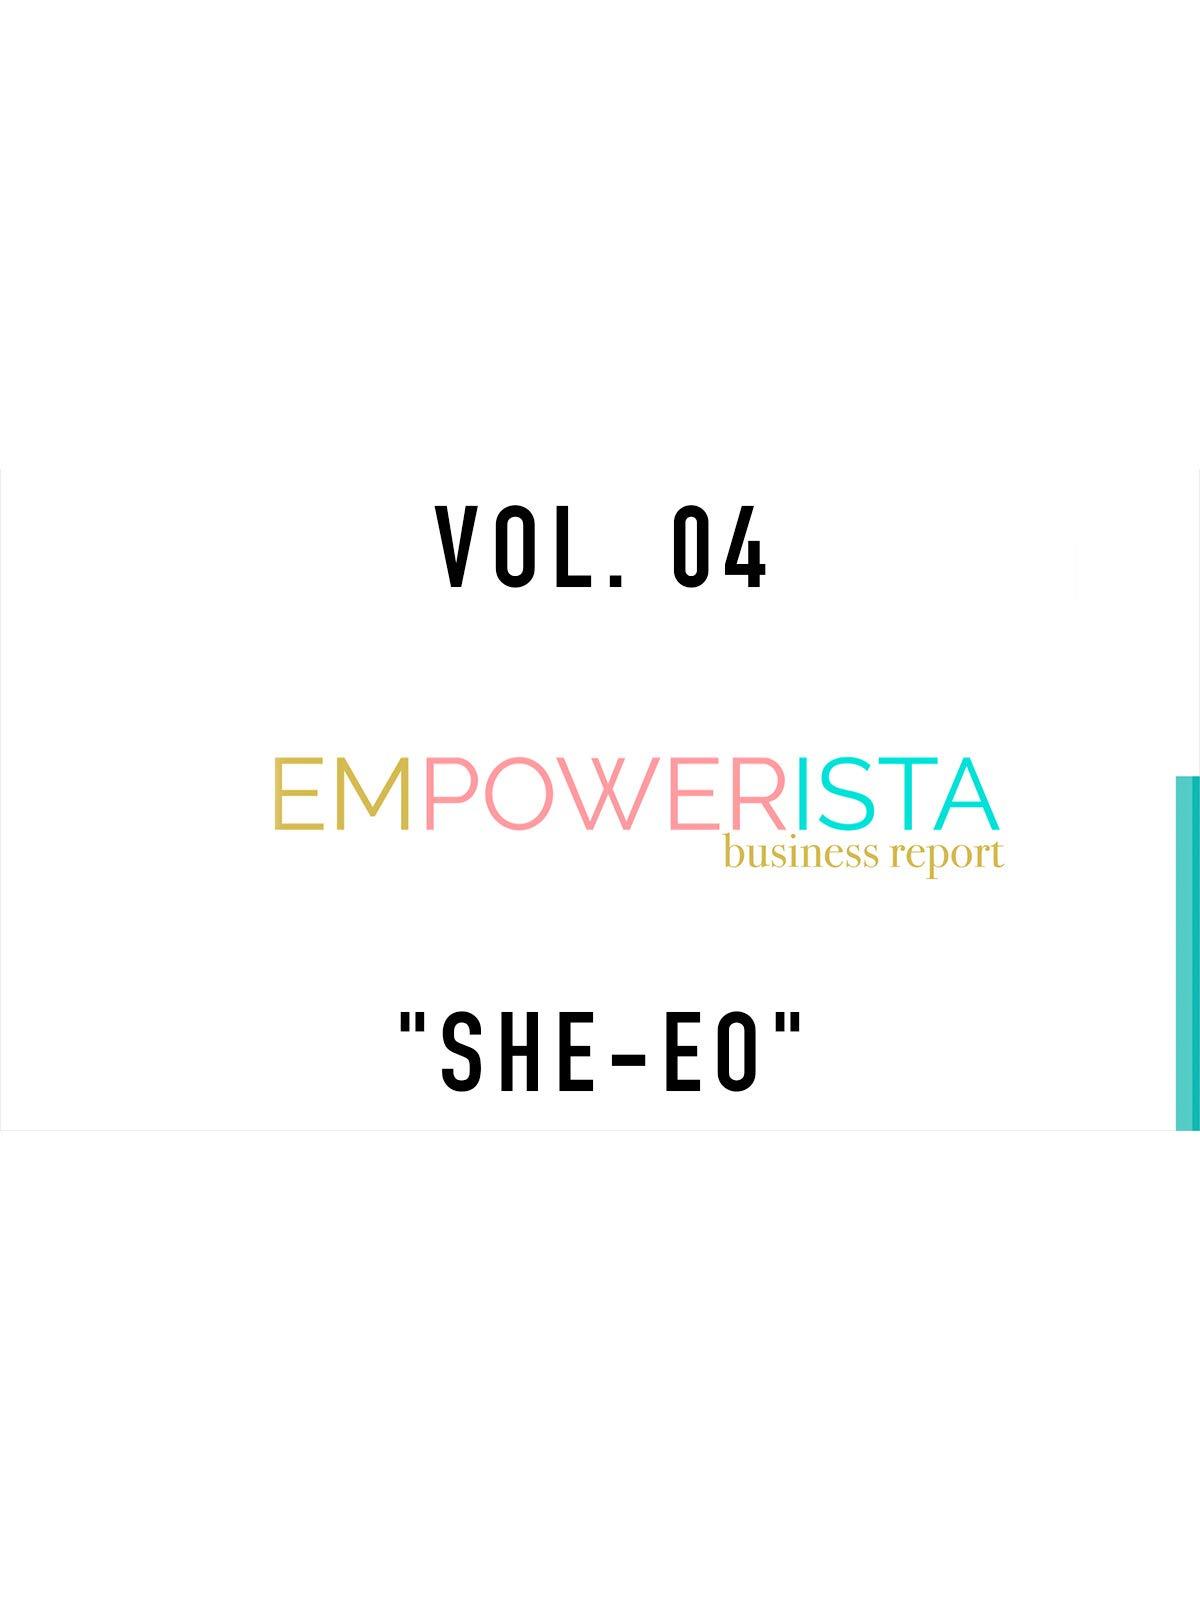 Empowerista Vol. 04